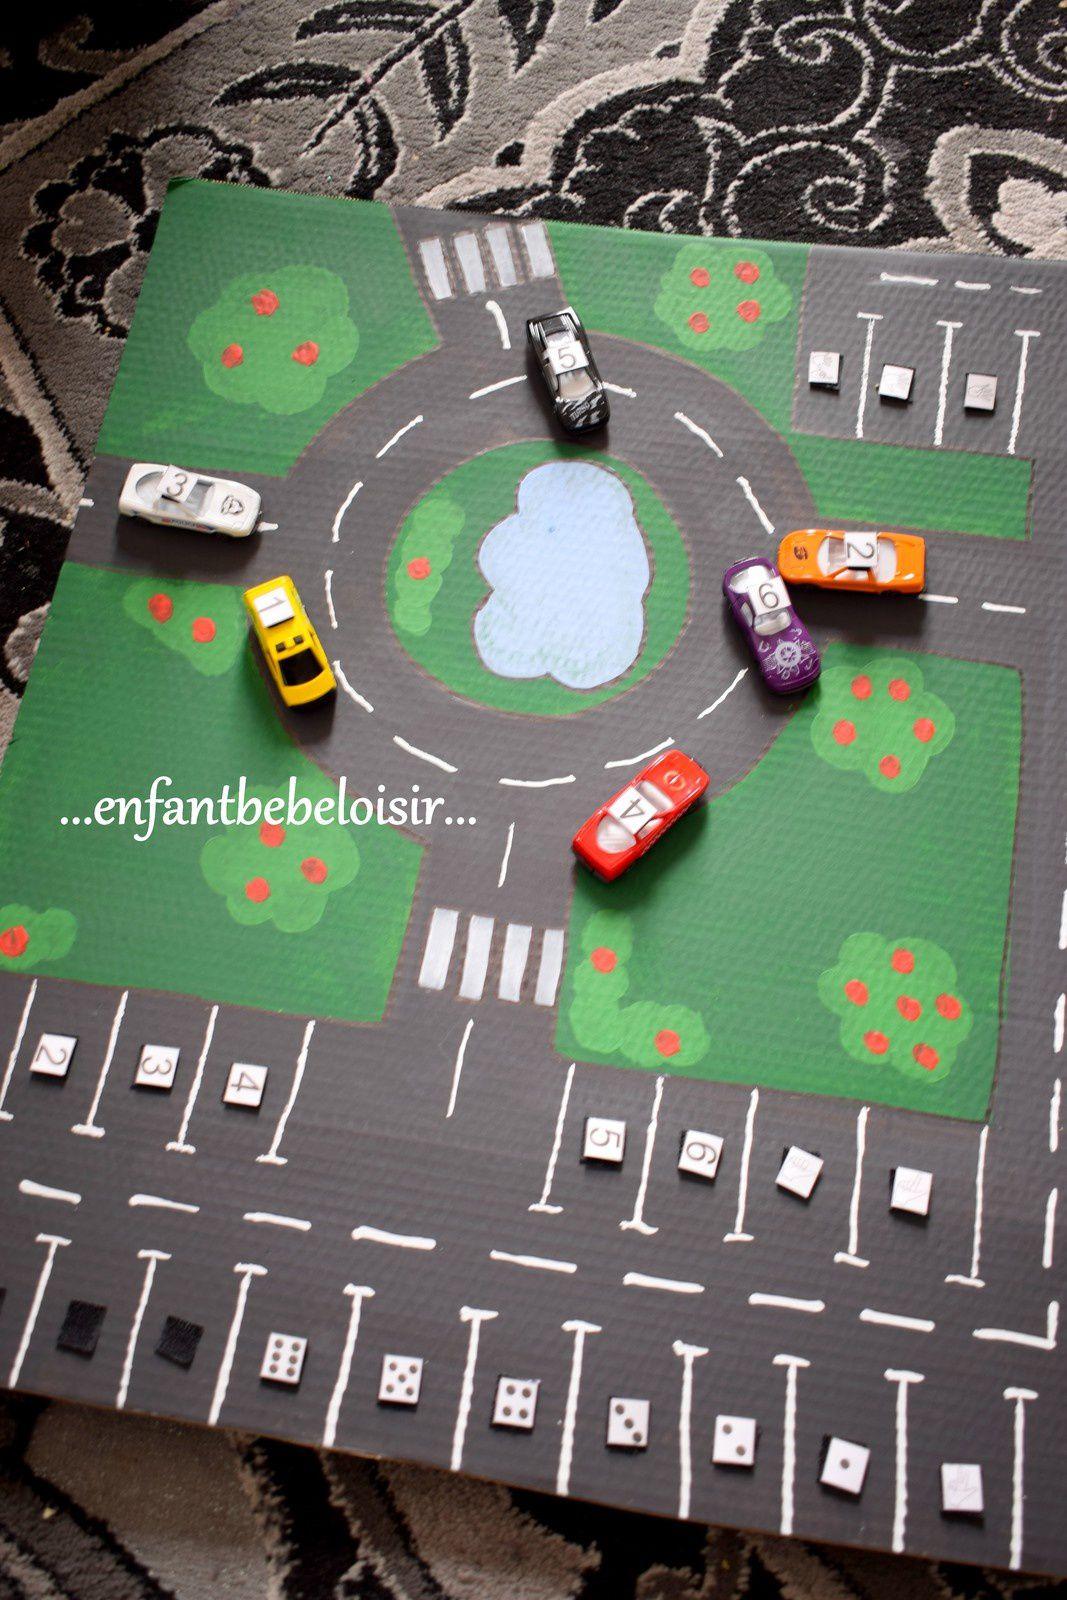 Apprendre à compter avec des petites voitures